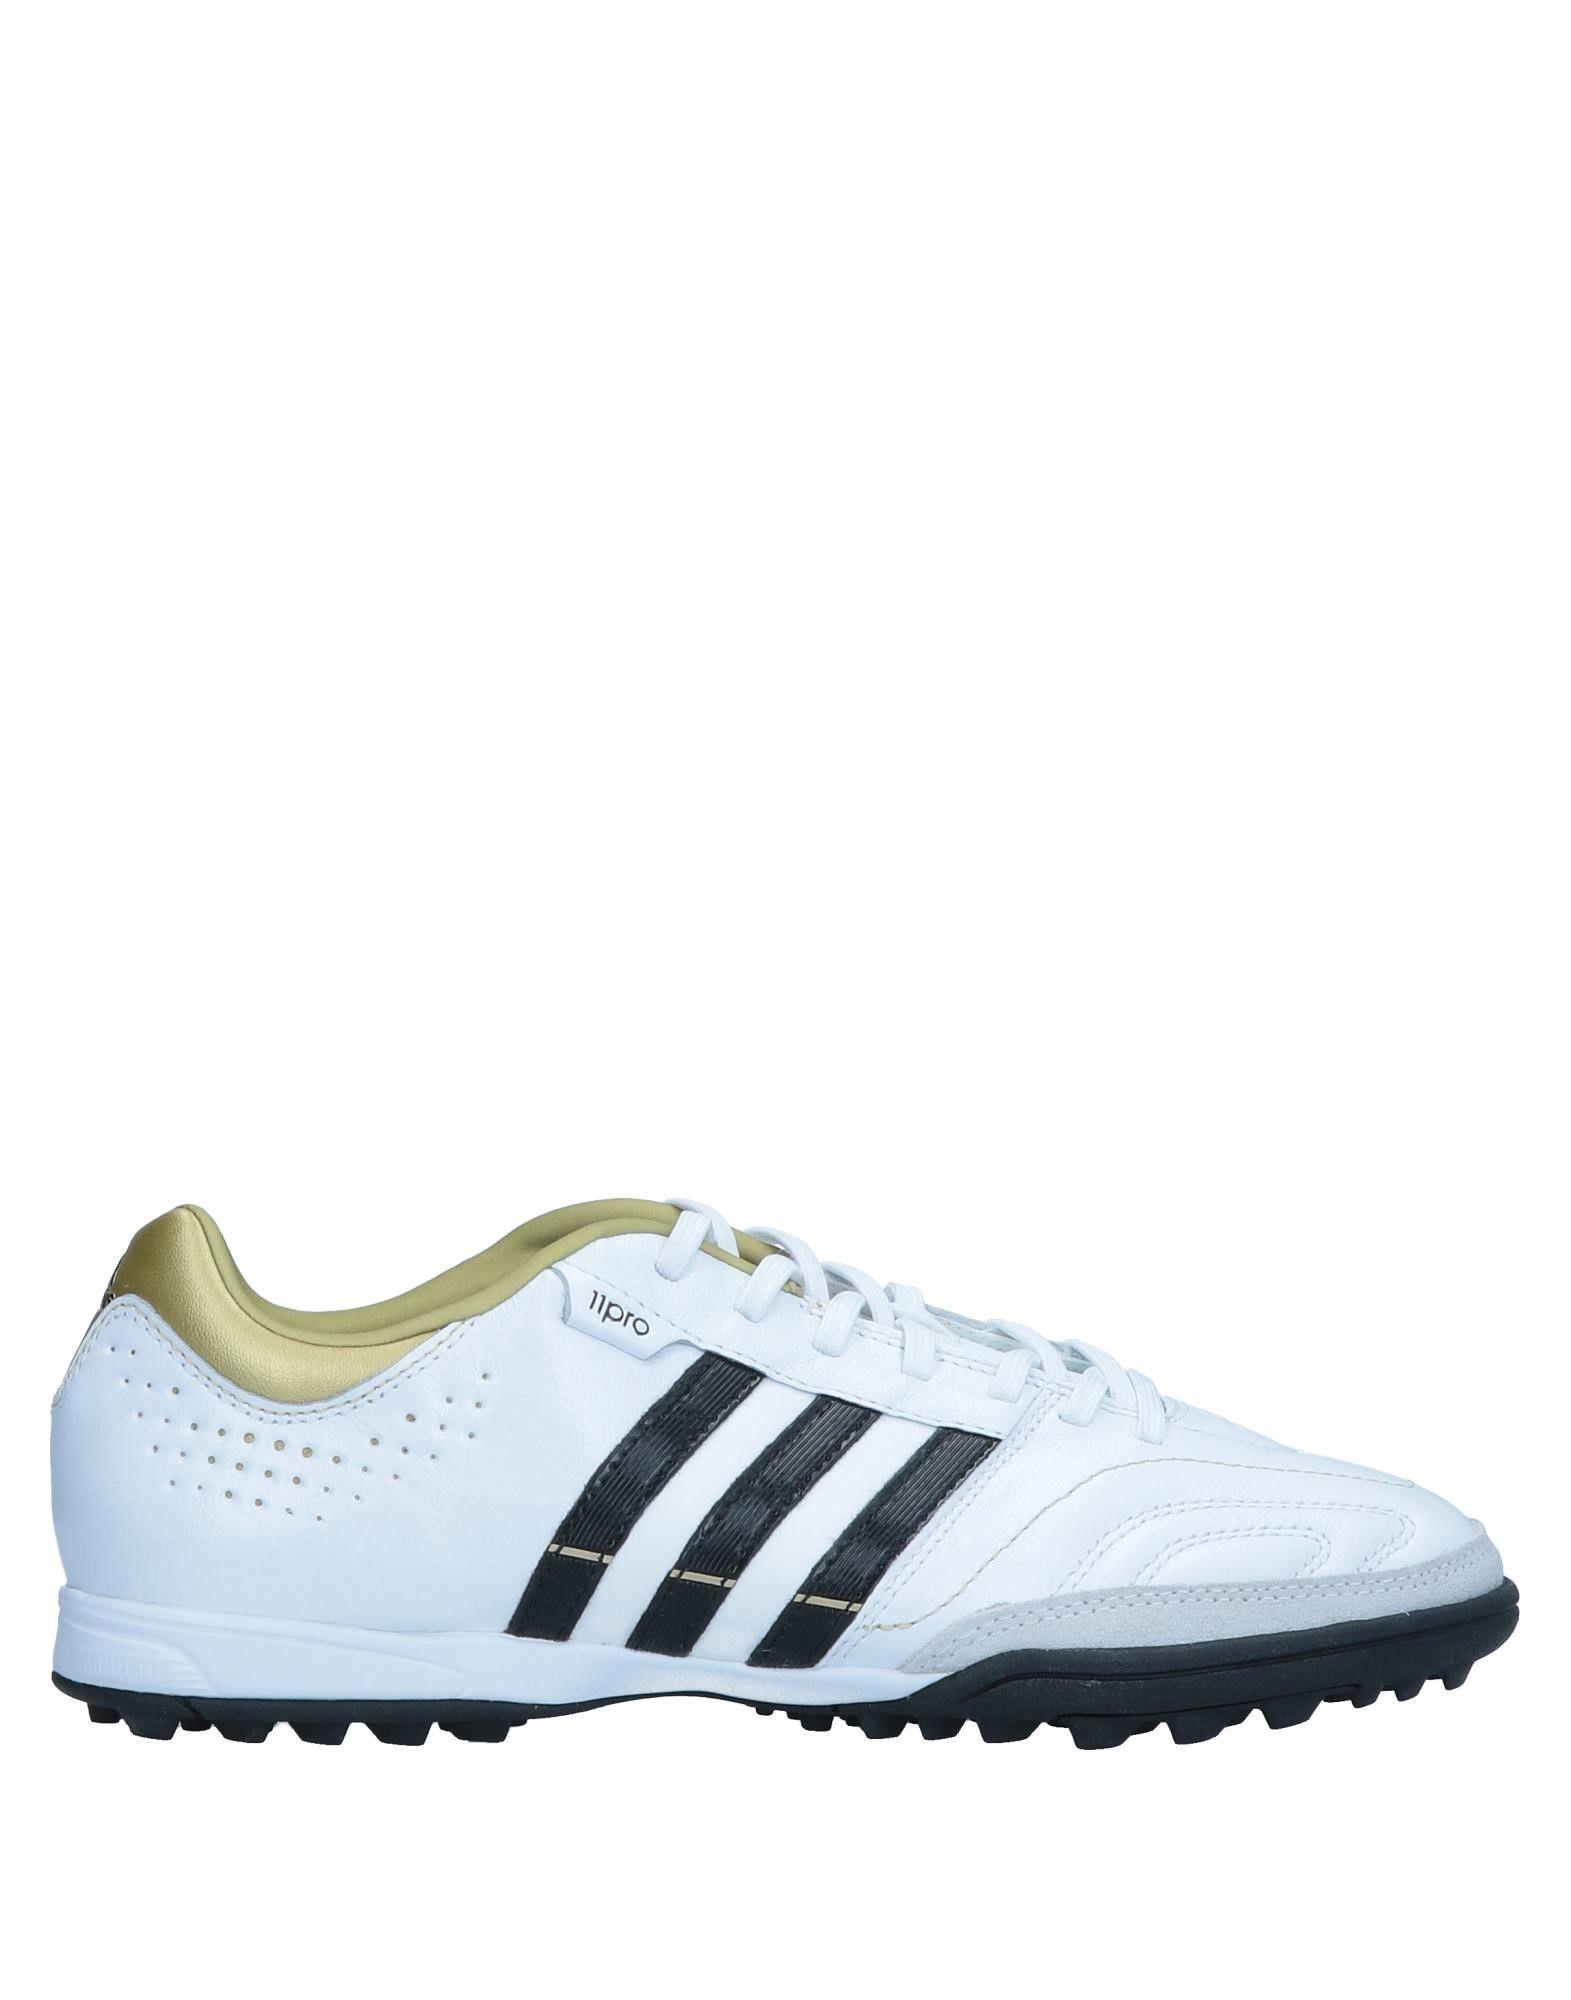 Sneakers Adidas Uomo - 11553610JR Scarpe economiche e buone